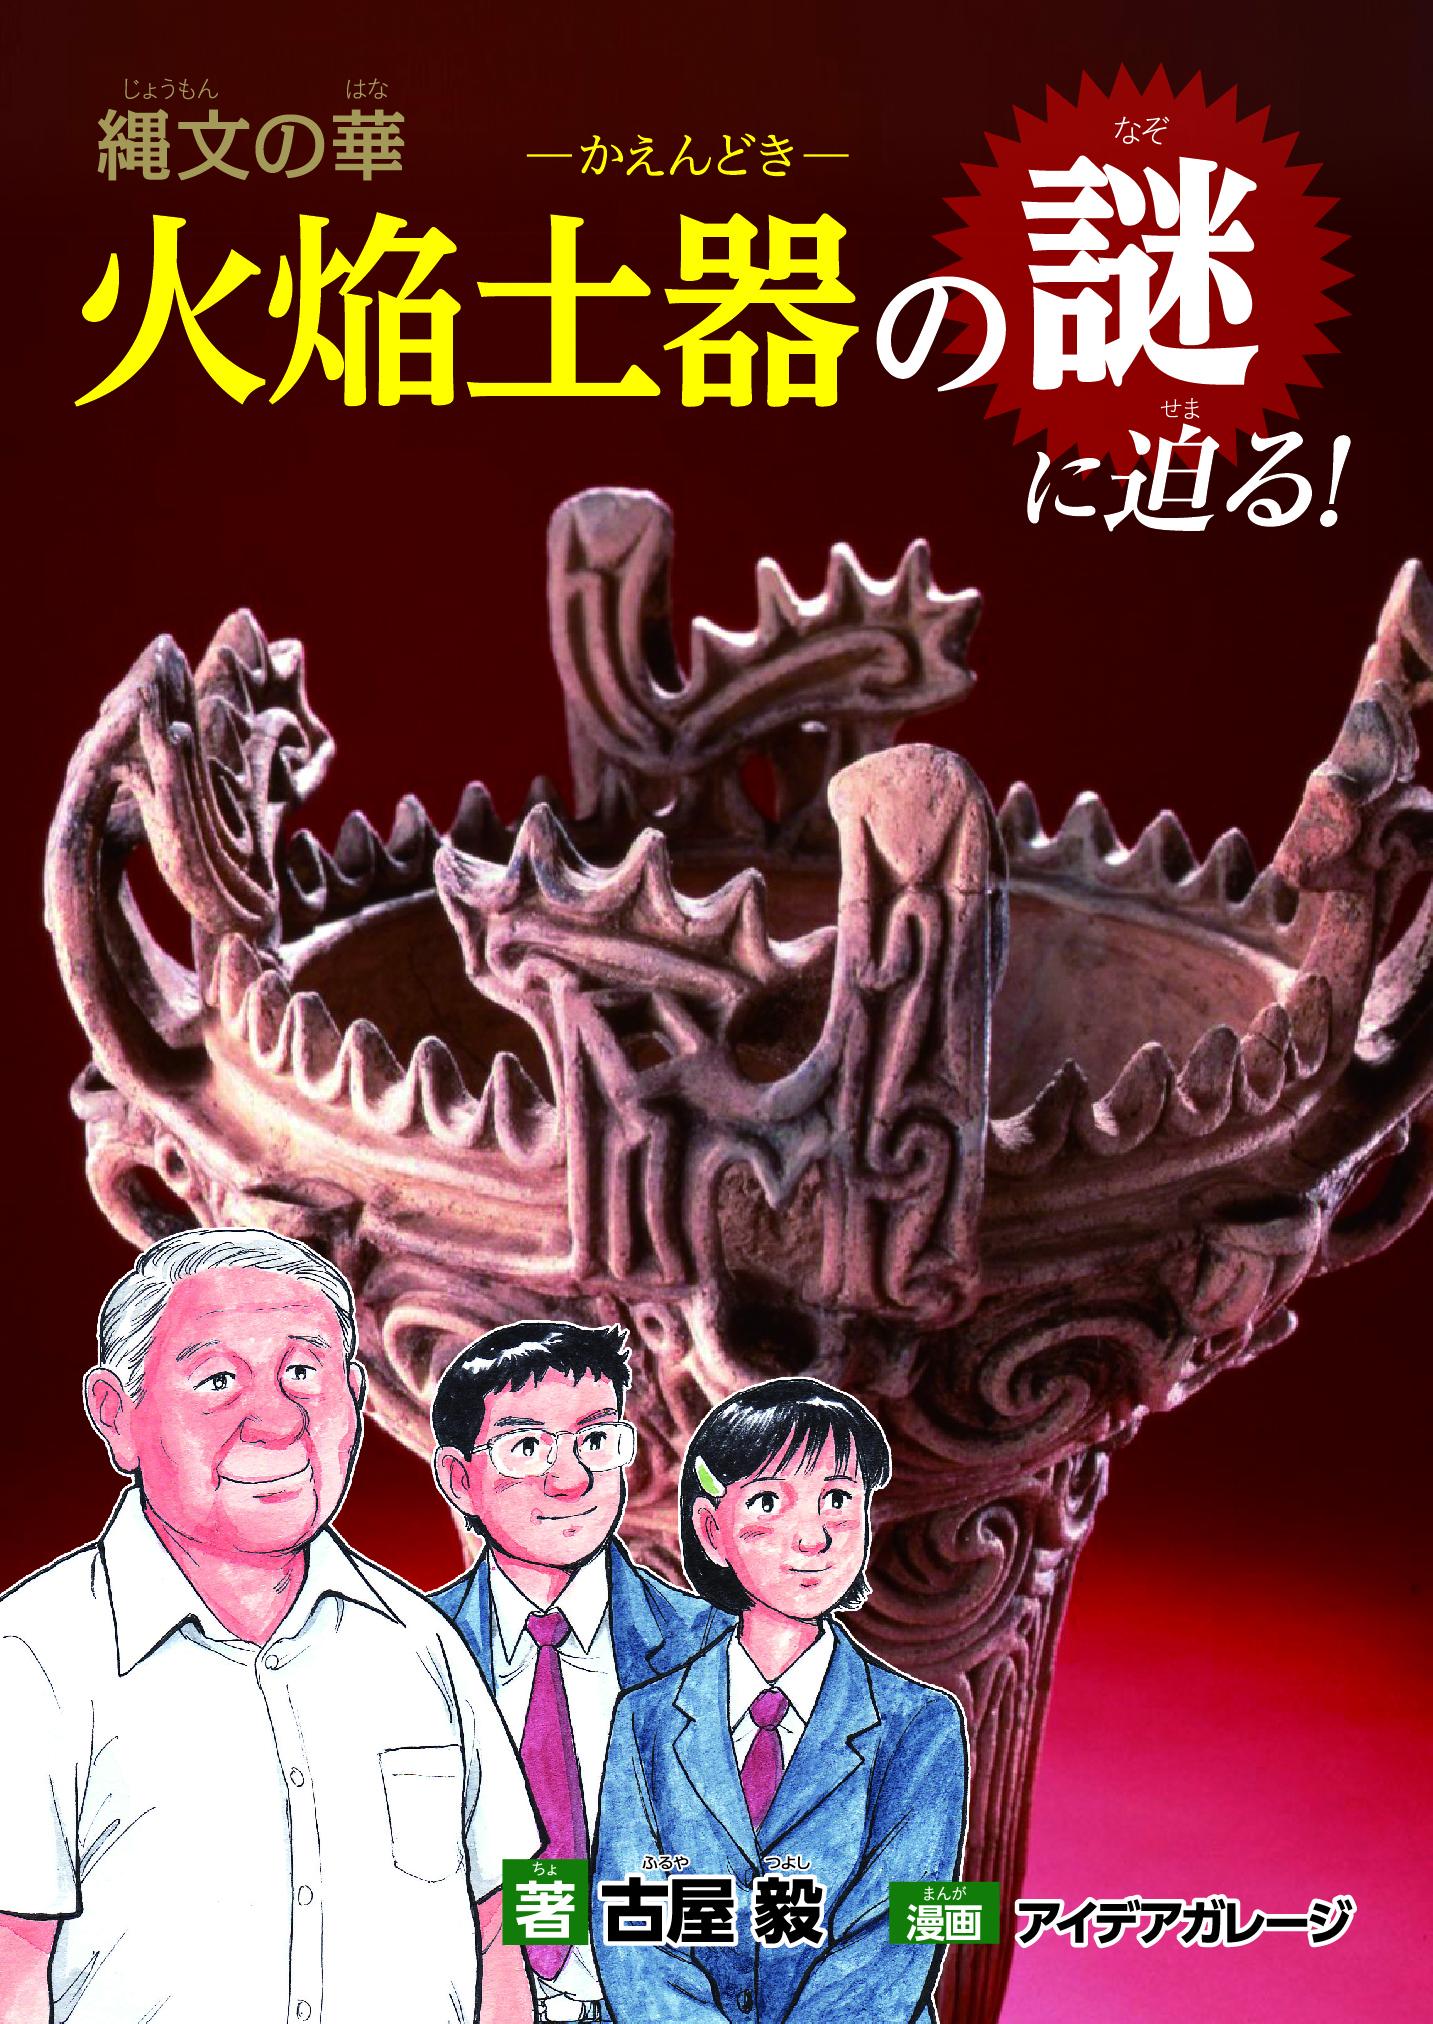 「火焔土器の謎」の漫画本完成